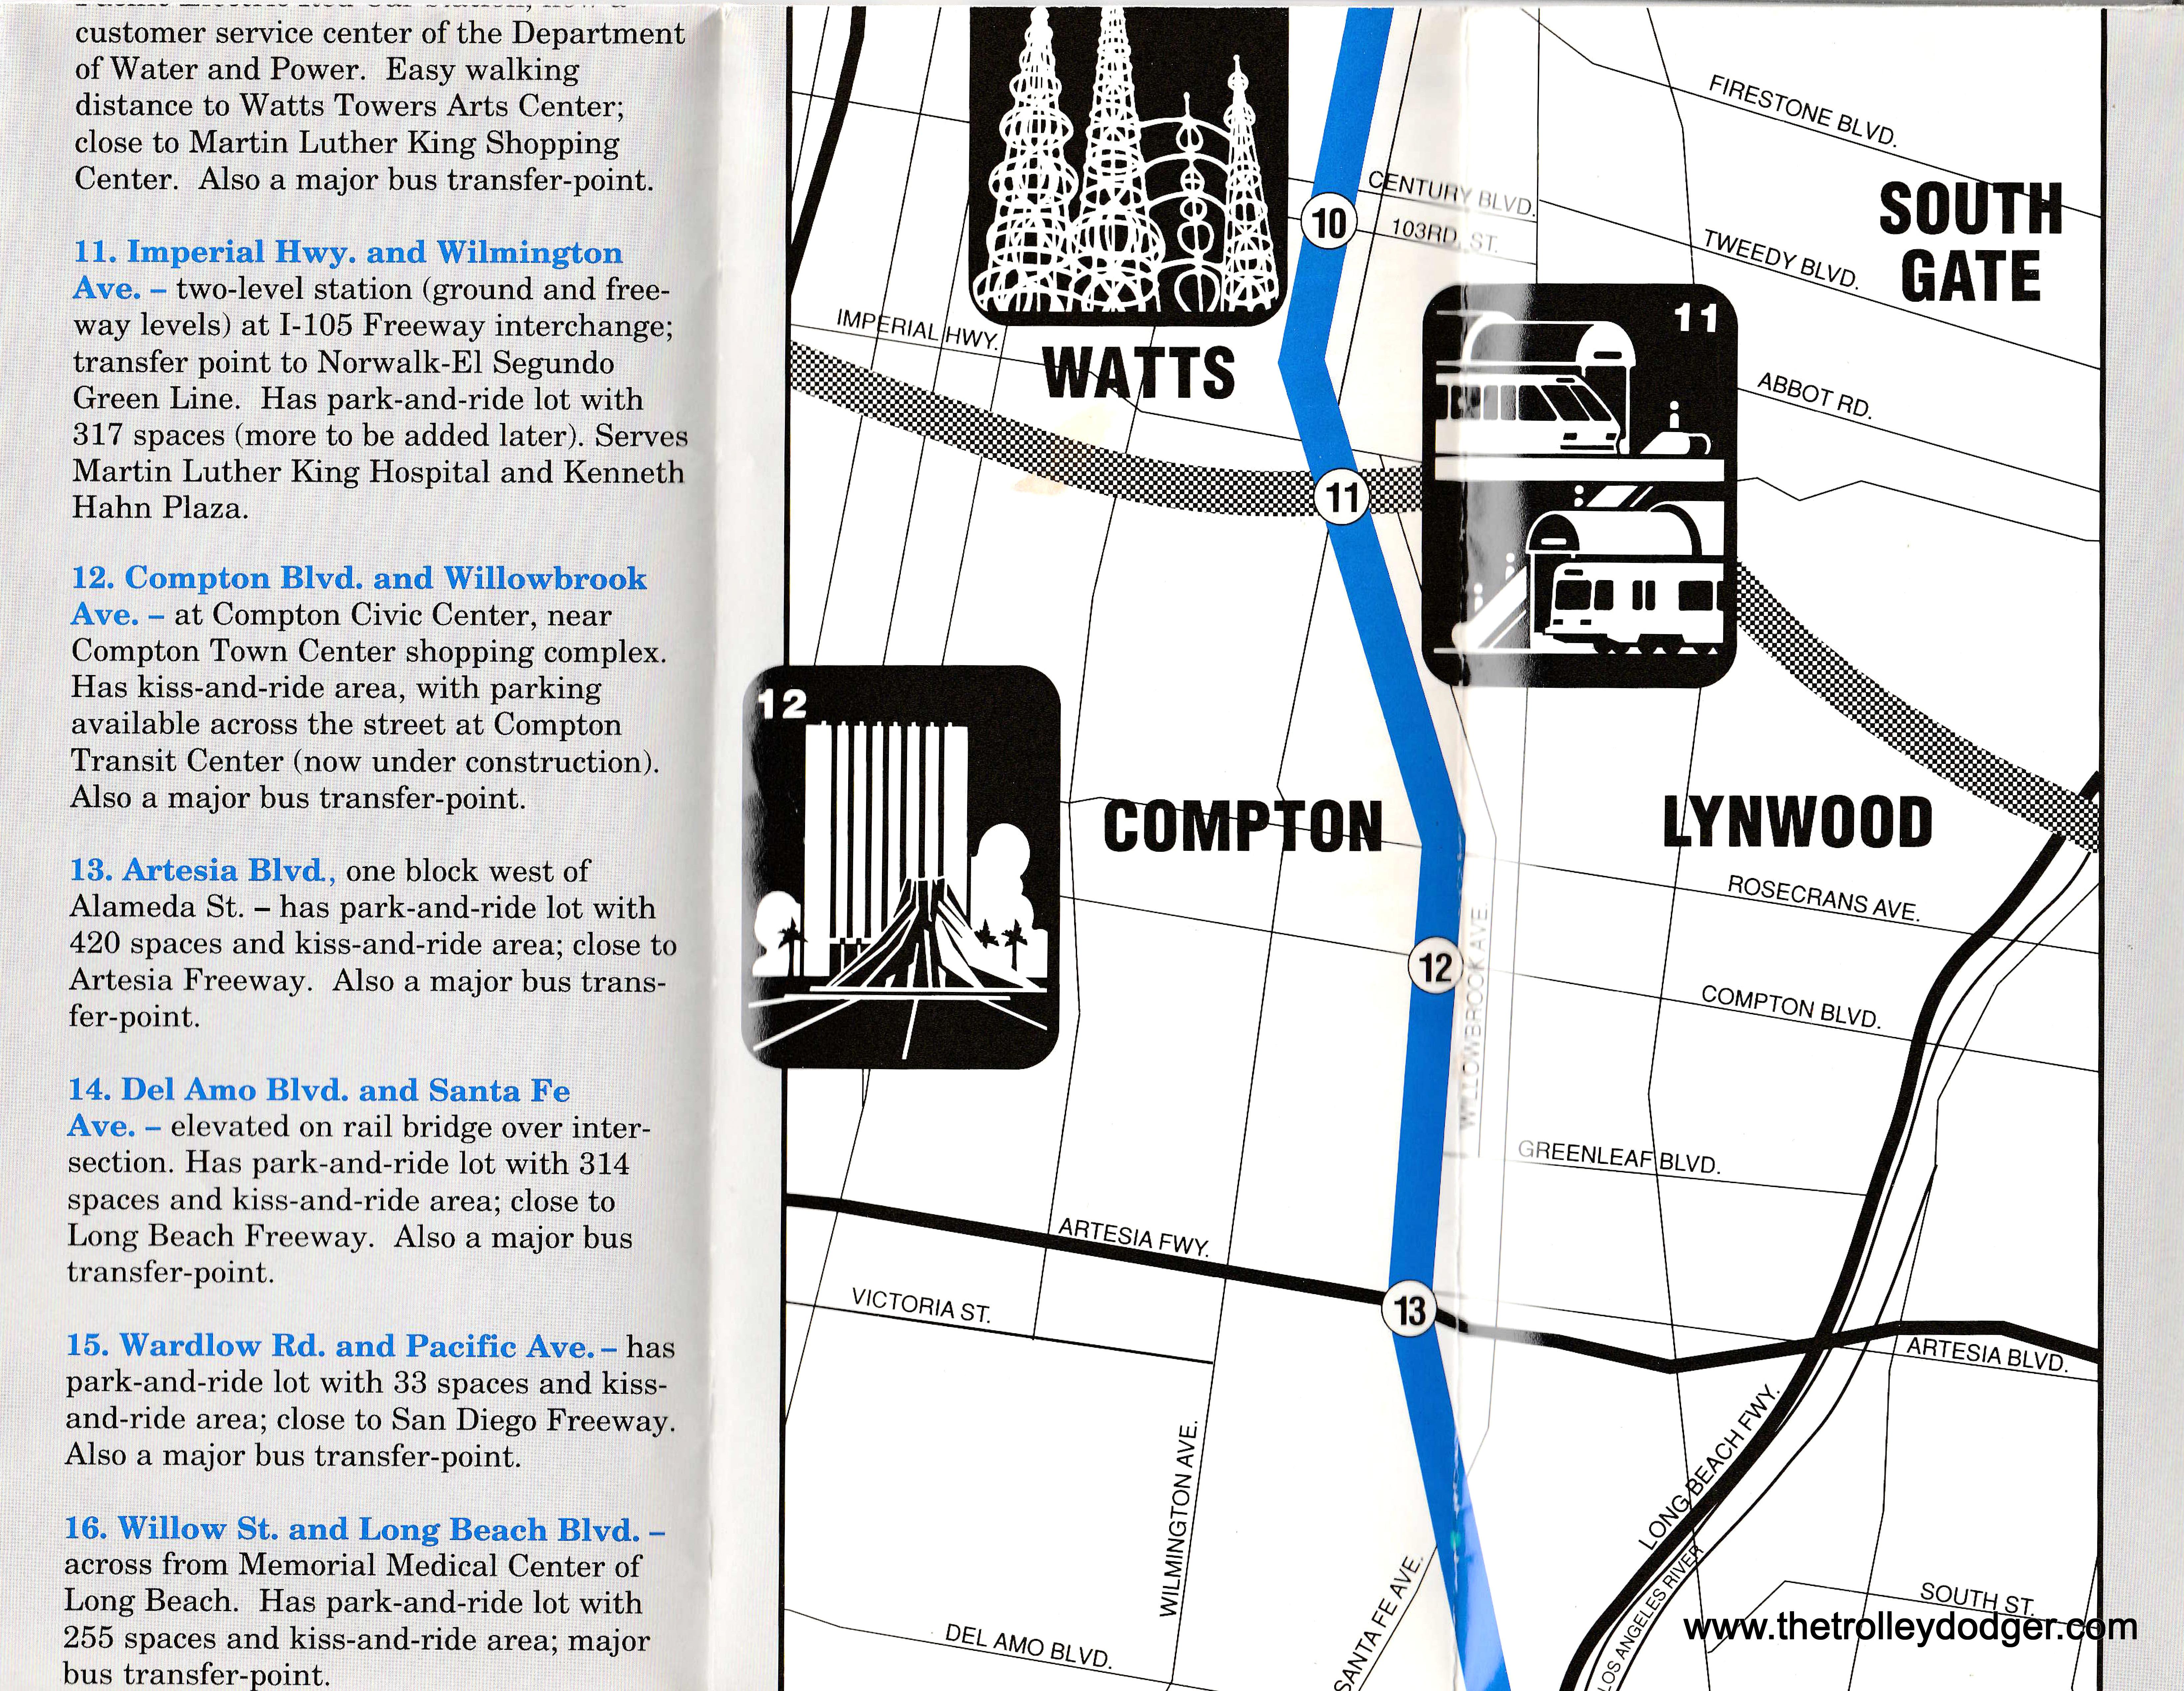 Dayton Ac Motor Wiring Diagram 2866 3 Phase - Product Wiring Diagrams •